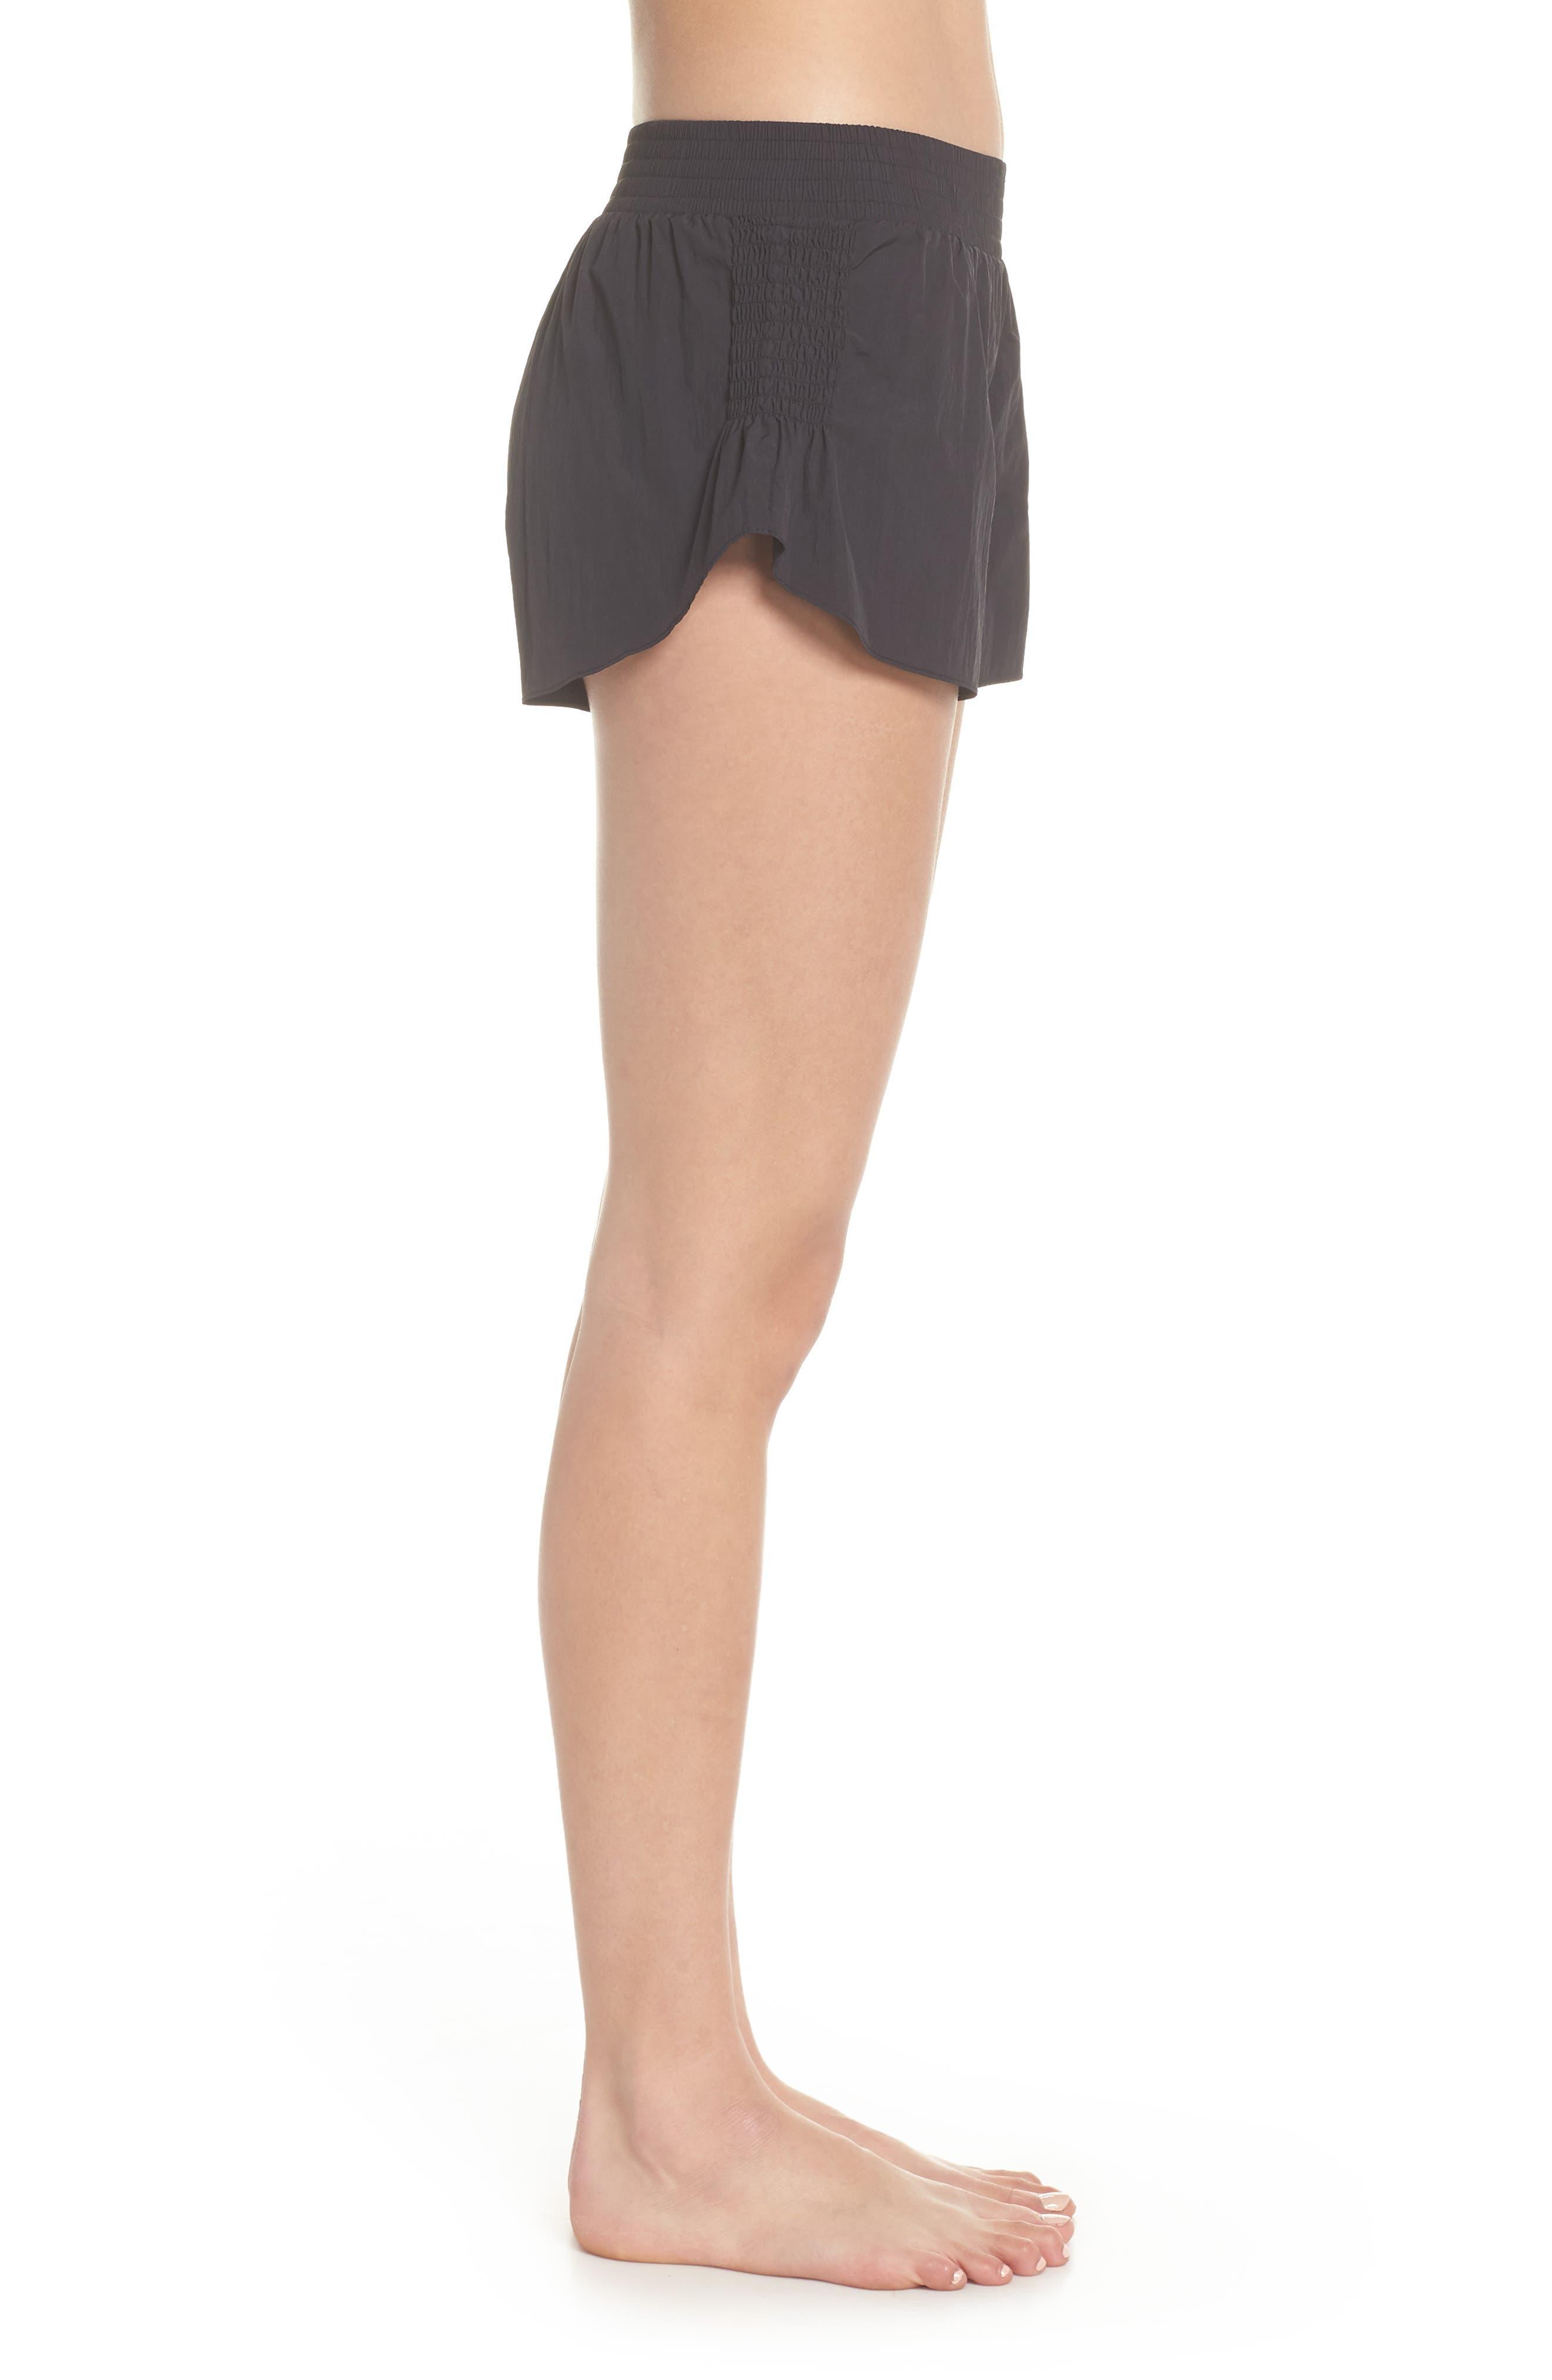 Fuji Shorts,                             Alternate thumbnail 3, color,                             001